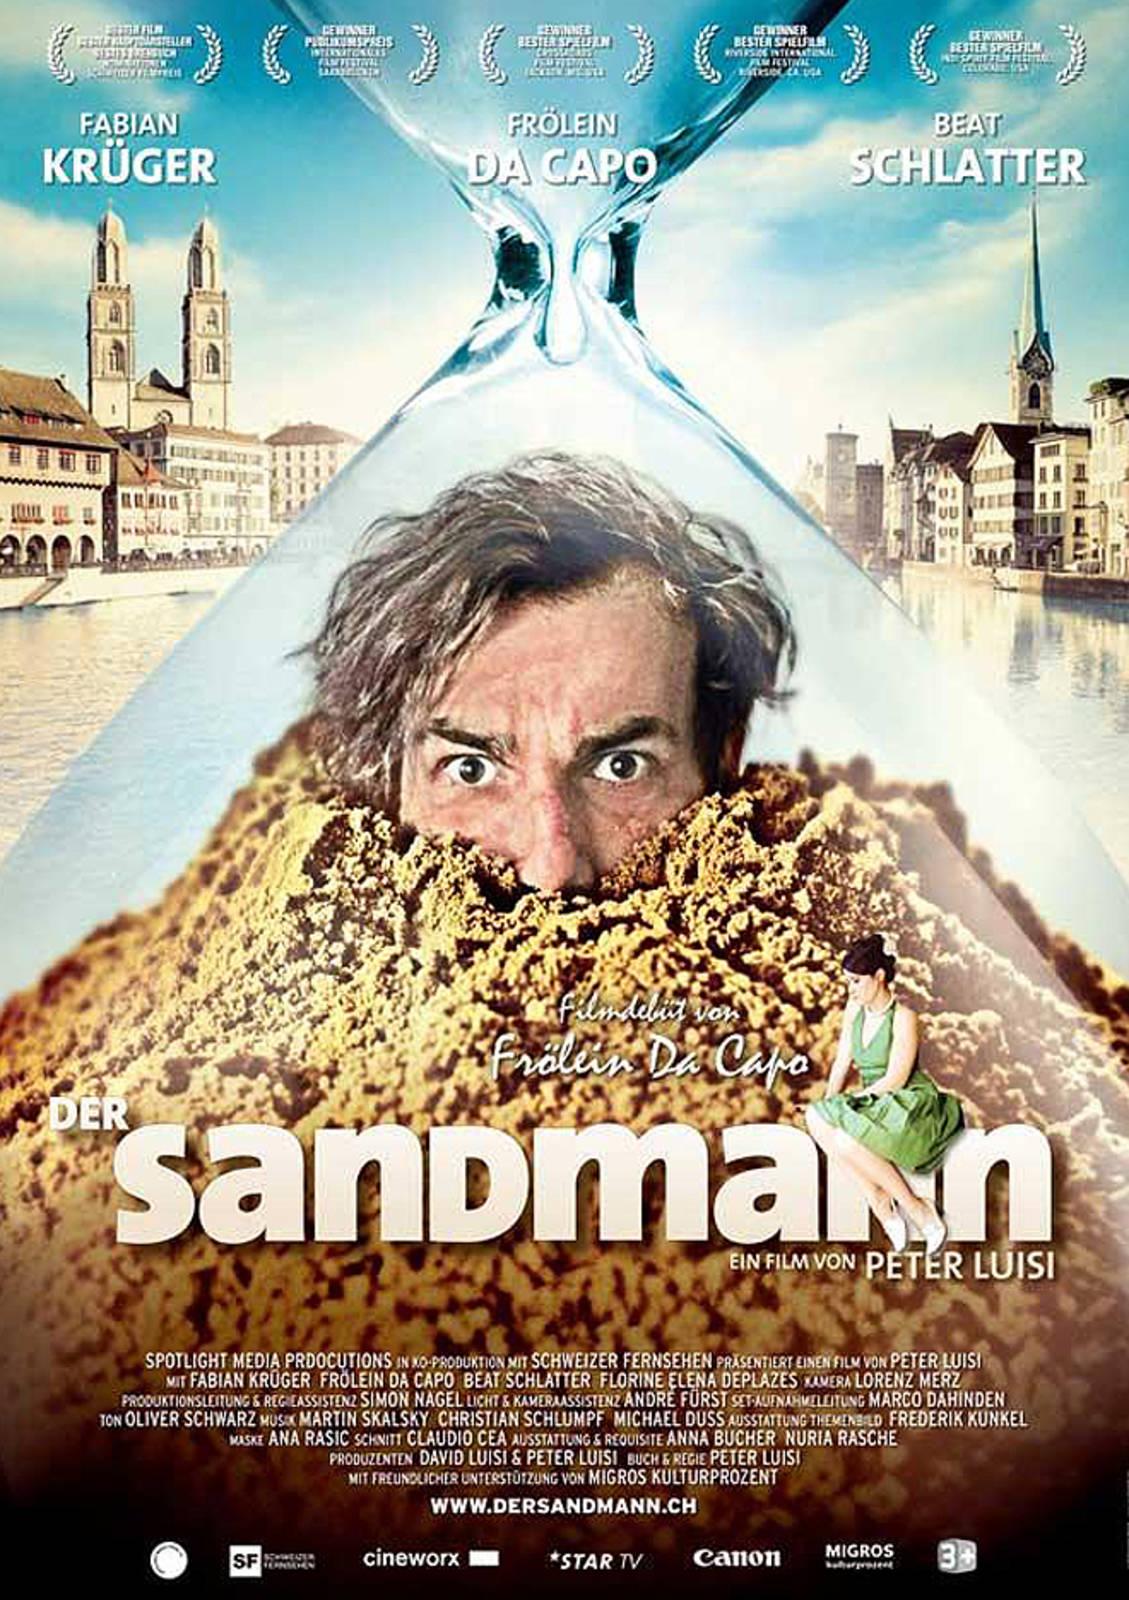 Sandmann Film